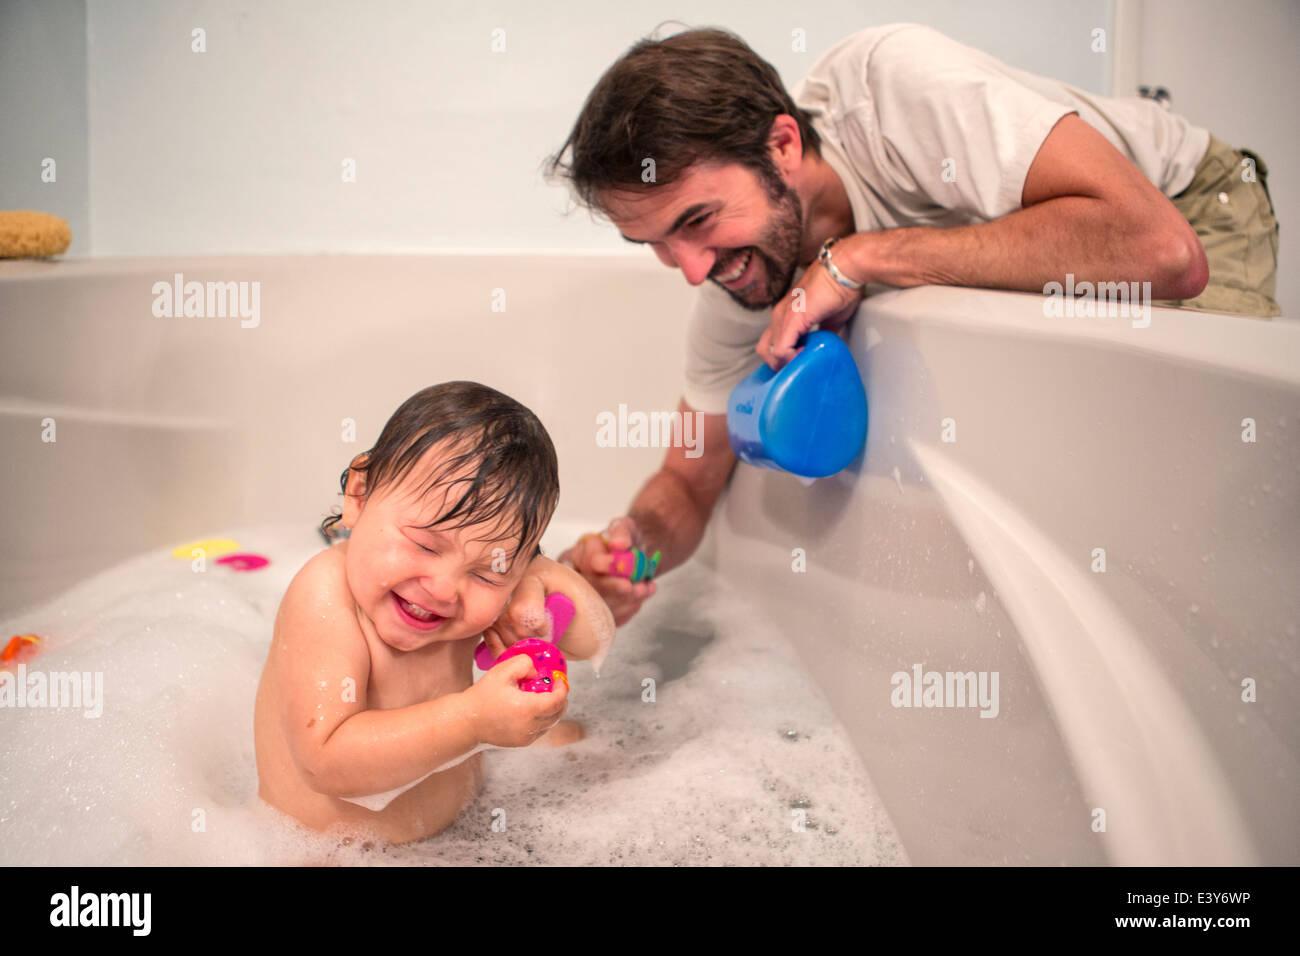 Vater und Kind Tochter beim Baden Stockbild